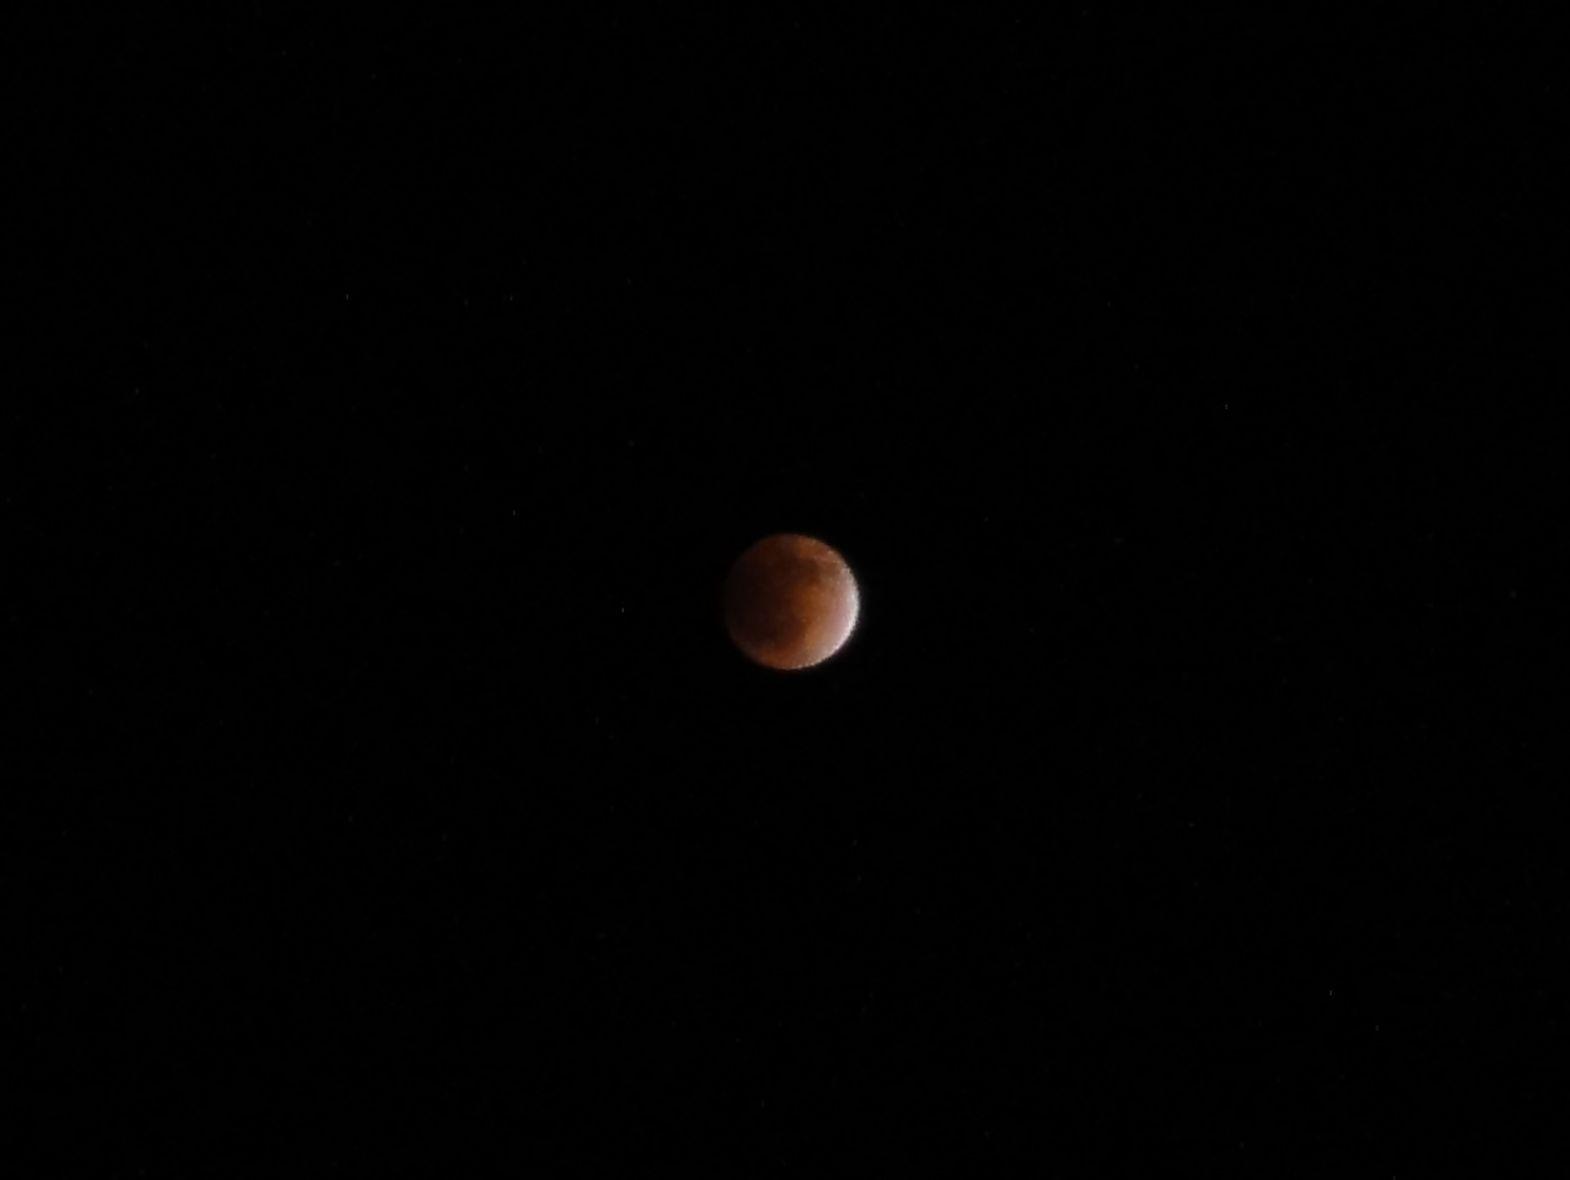 lunar_eclipse_133.jpg